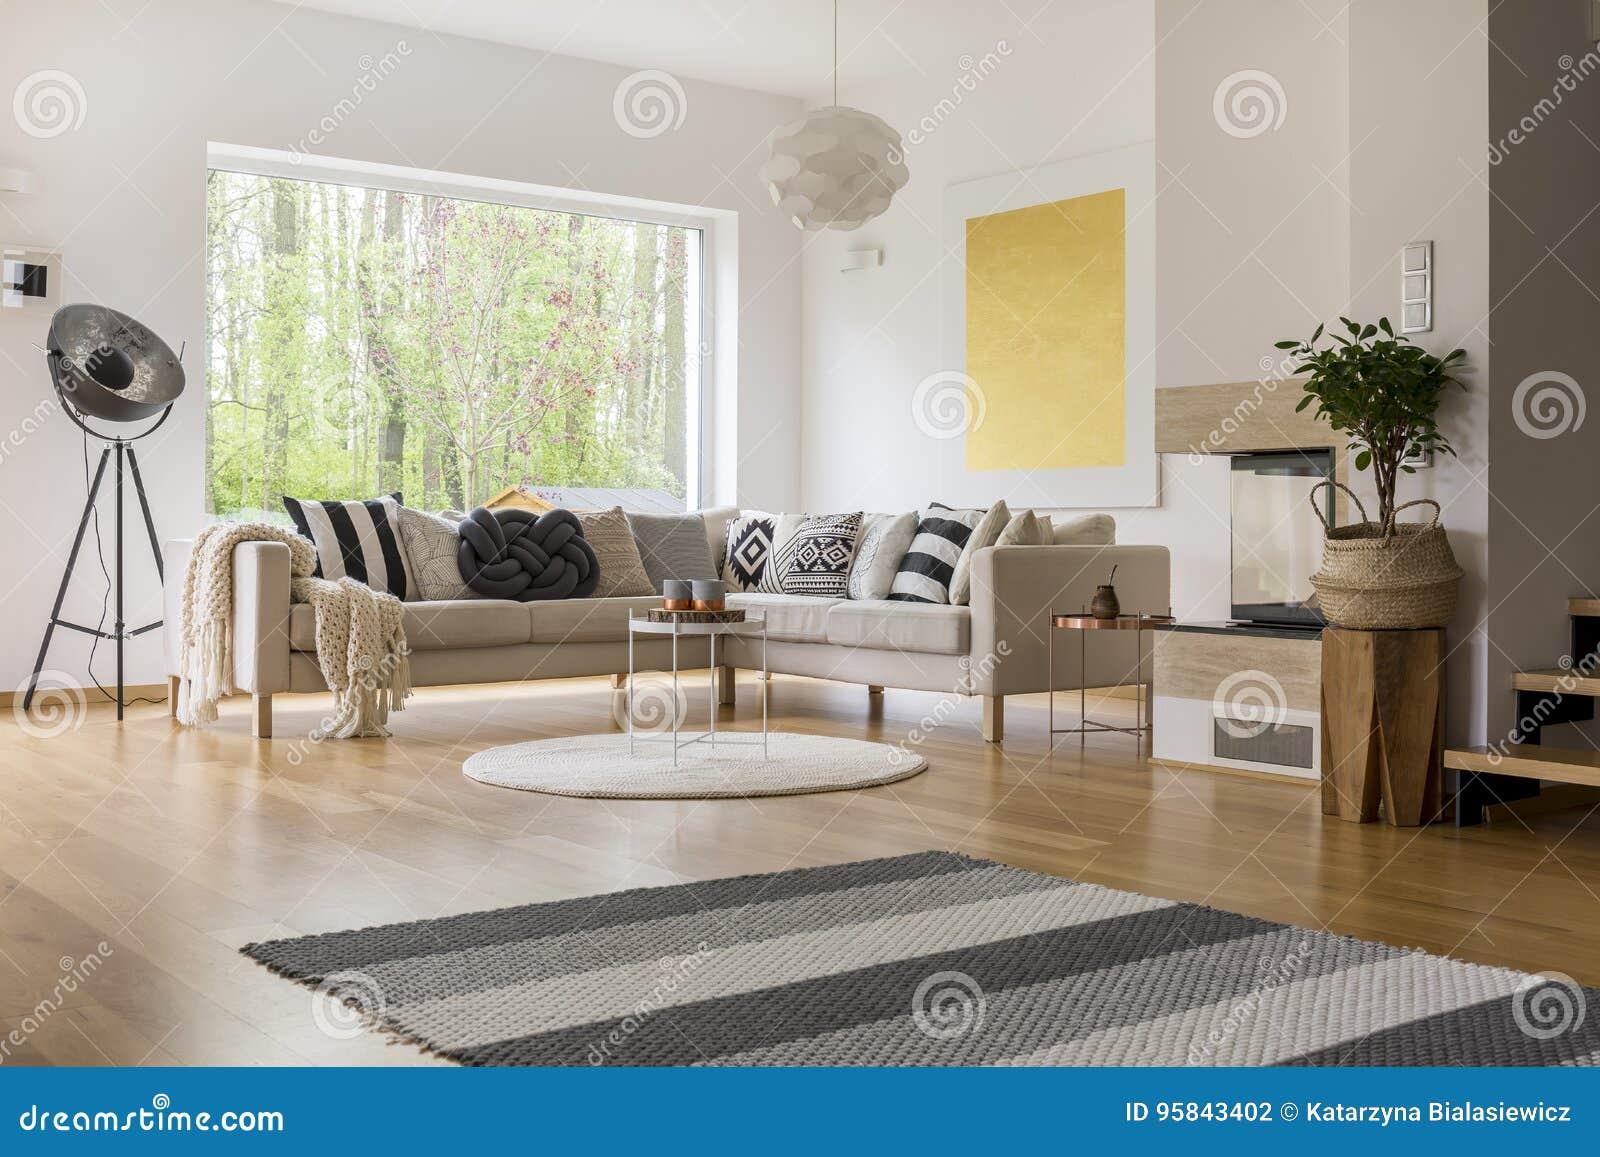 Skandinavische stijl van ruimte